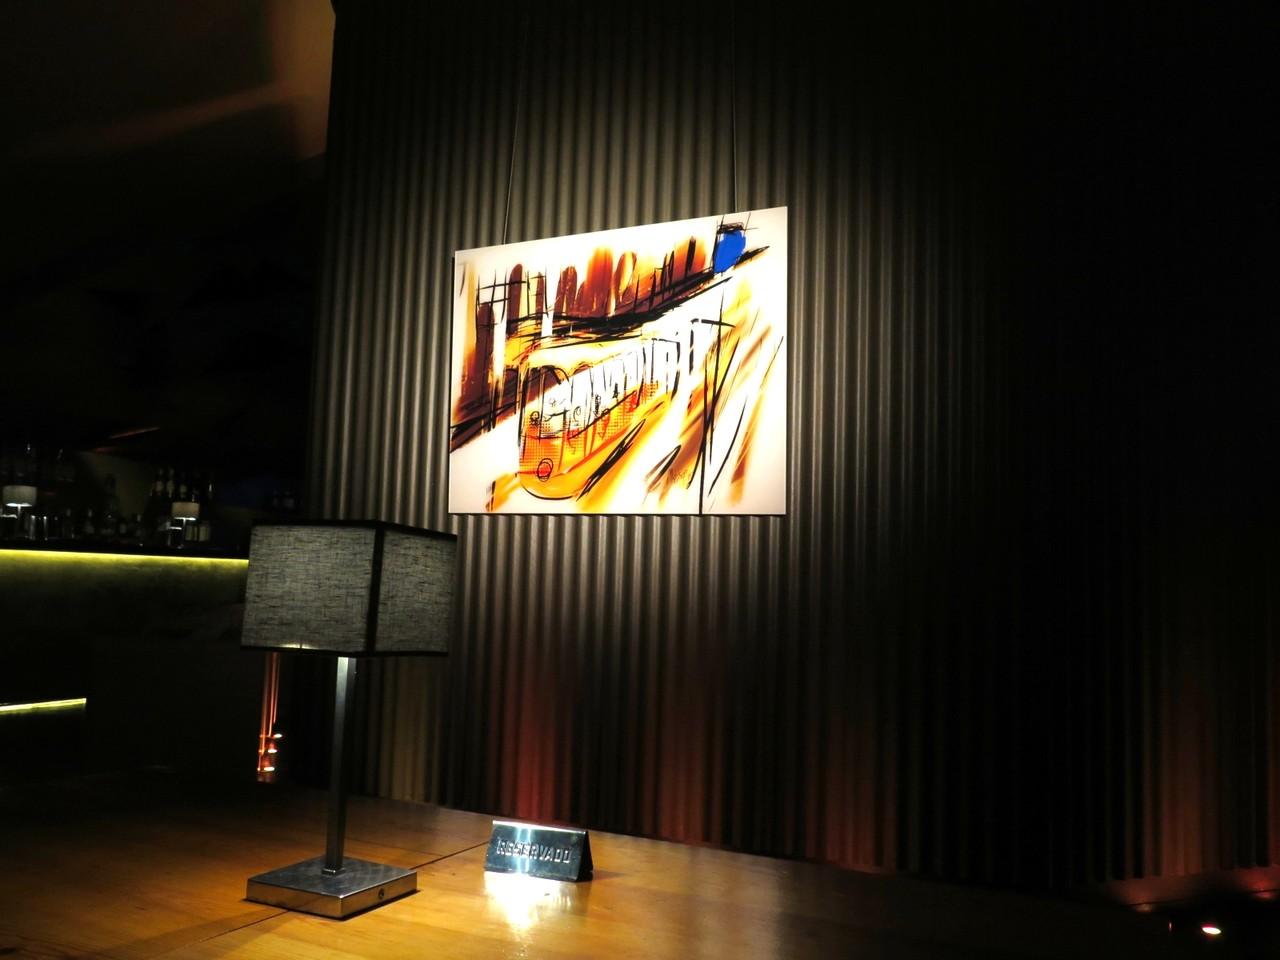 Durante 40 dias, a obra 'Loucos por Lisboa' estará em exposição no SILK… e o 'Carapau Amarelo' estará à disposição na carta